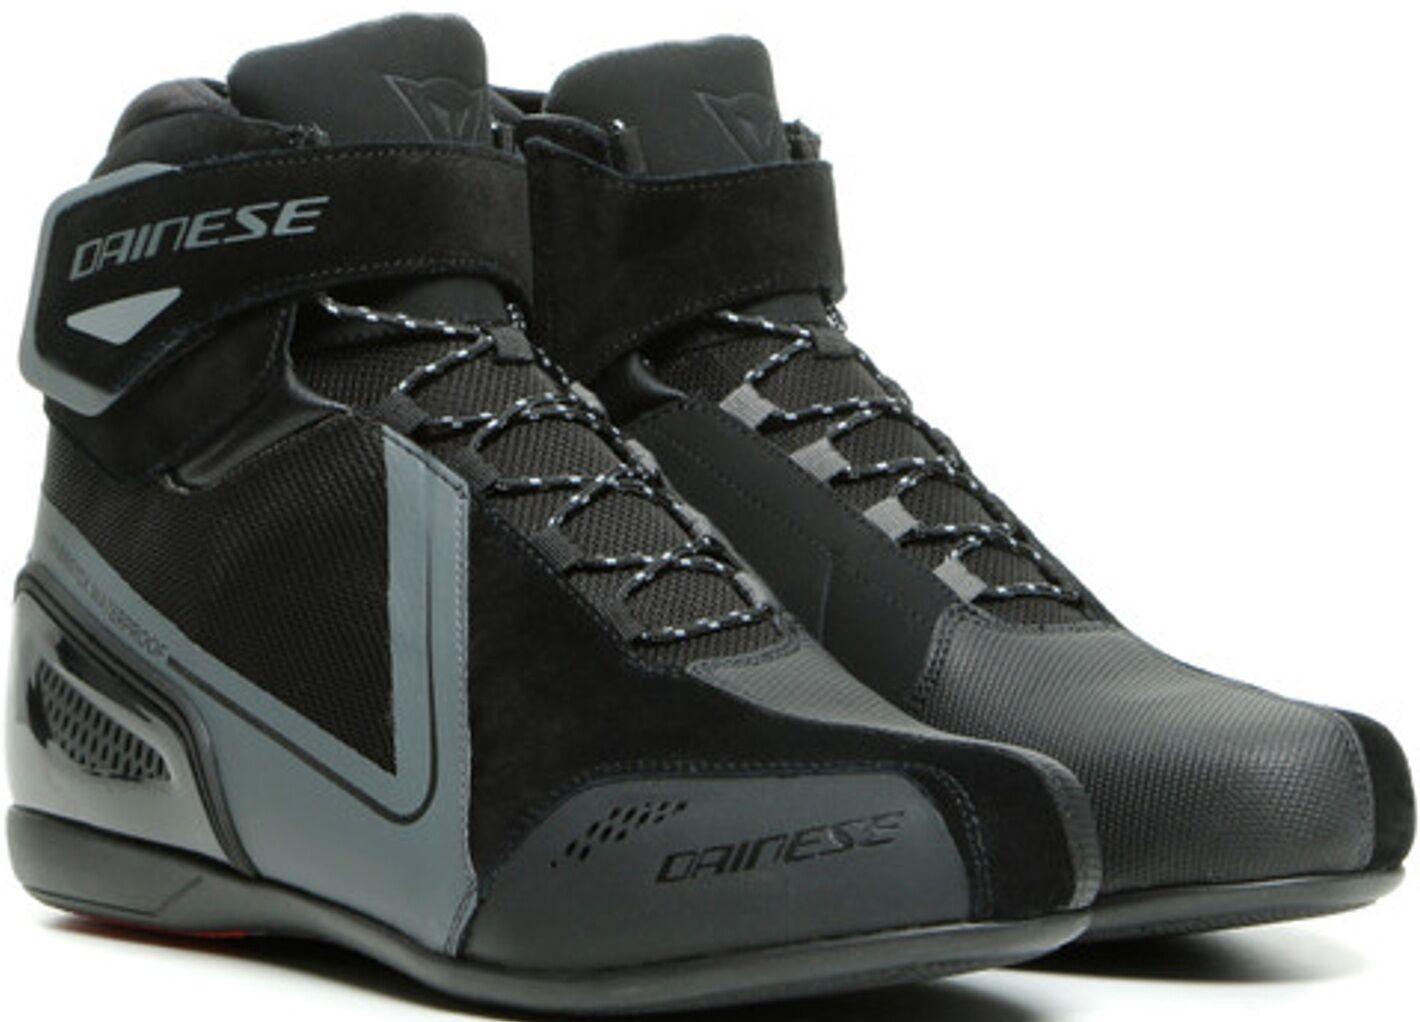 Dainese Energyca D-WP chaussures de moto imperméables à l'eau Noir Gris taille : 46